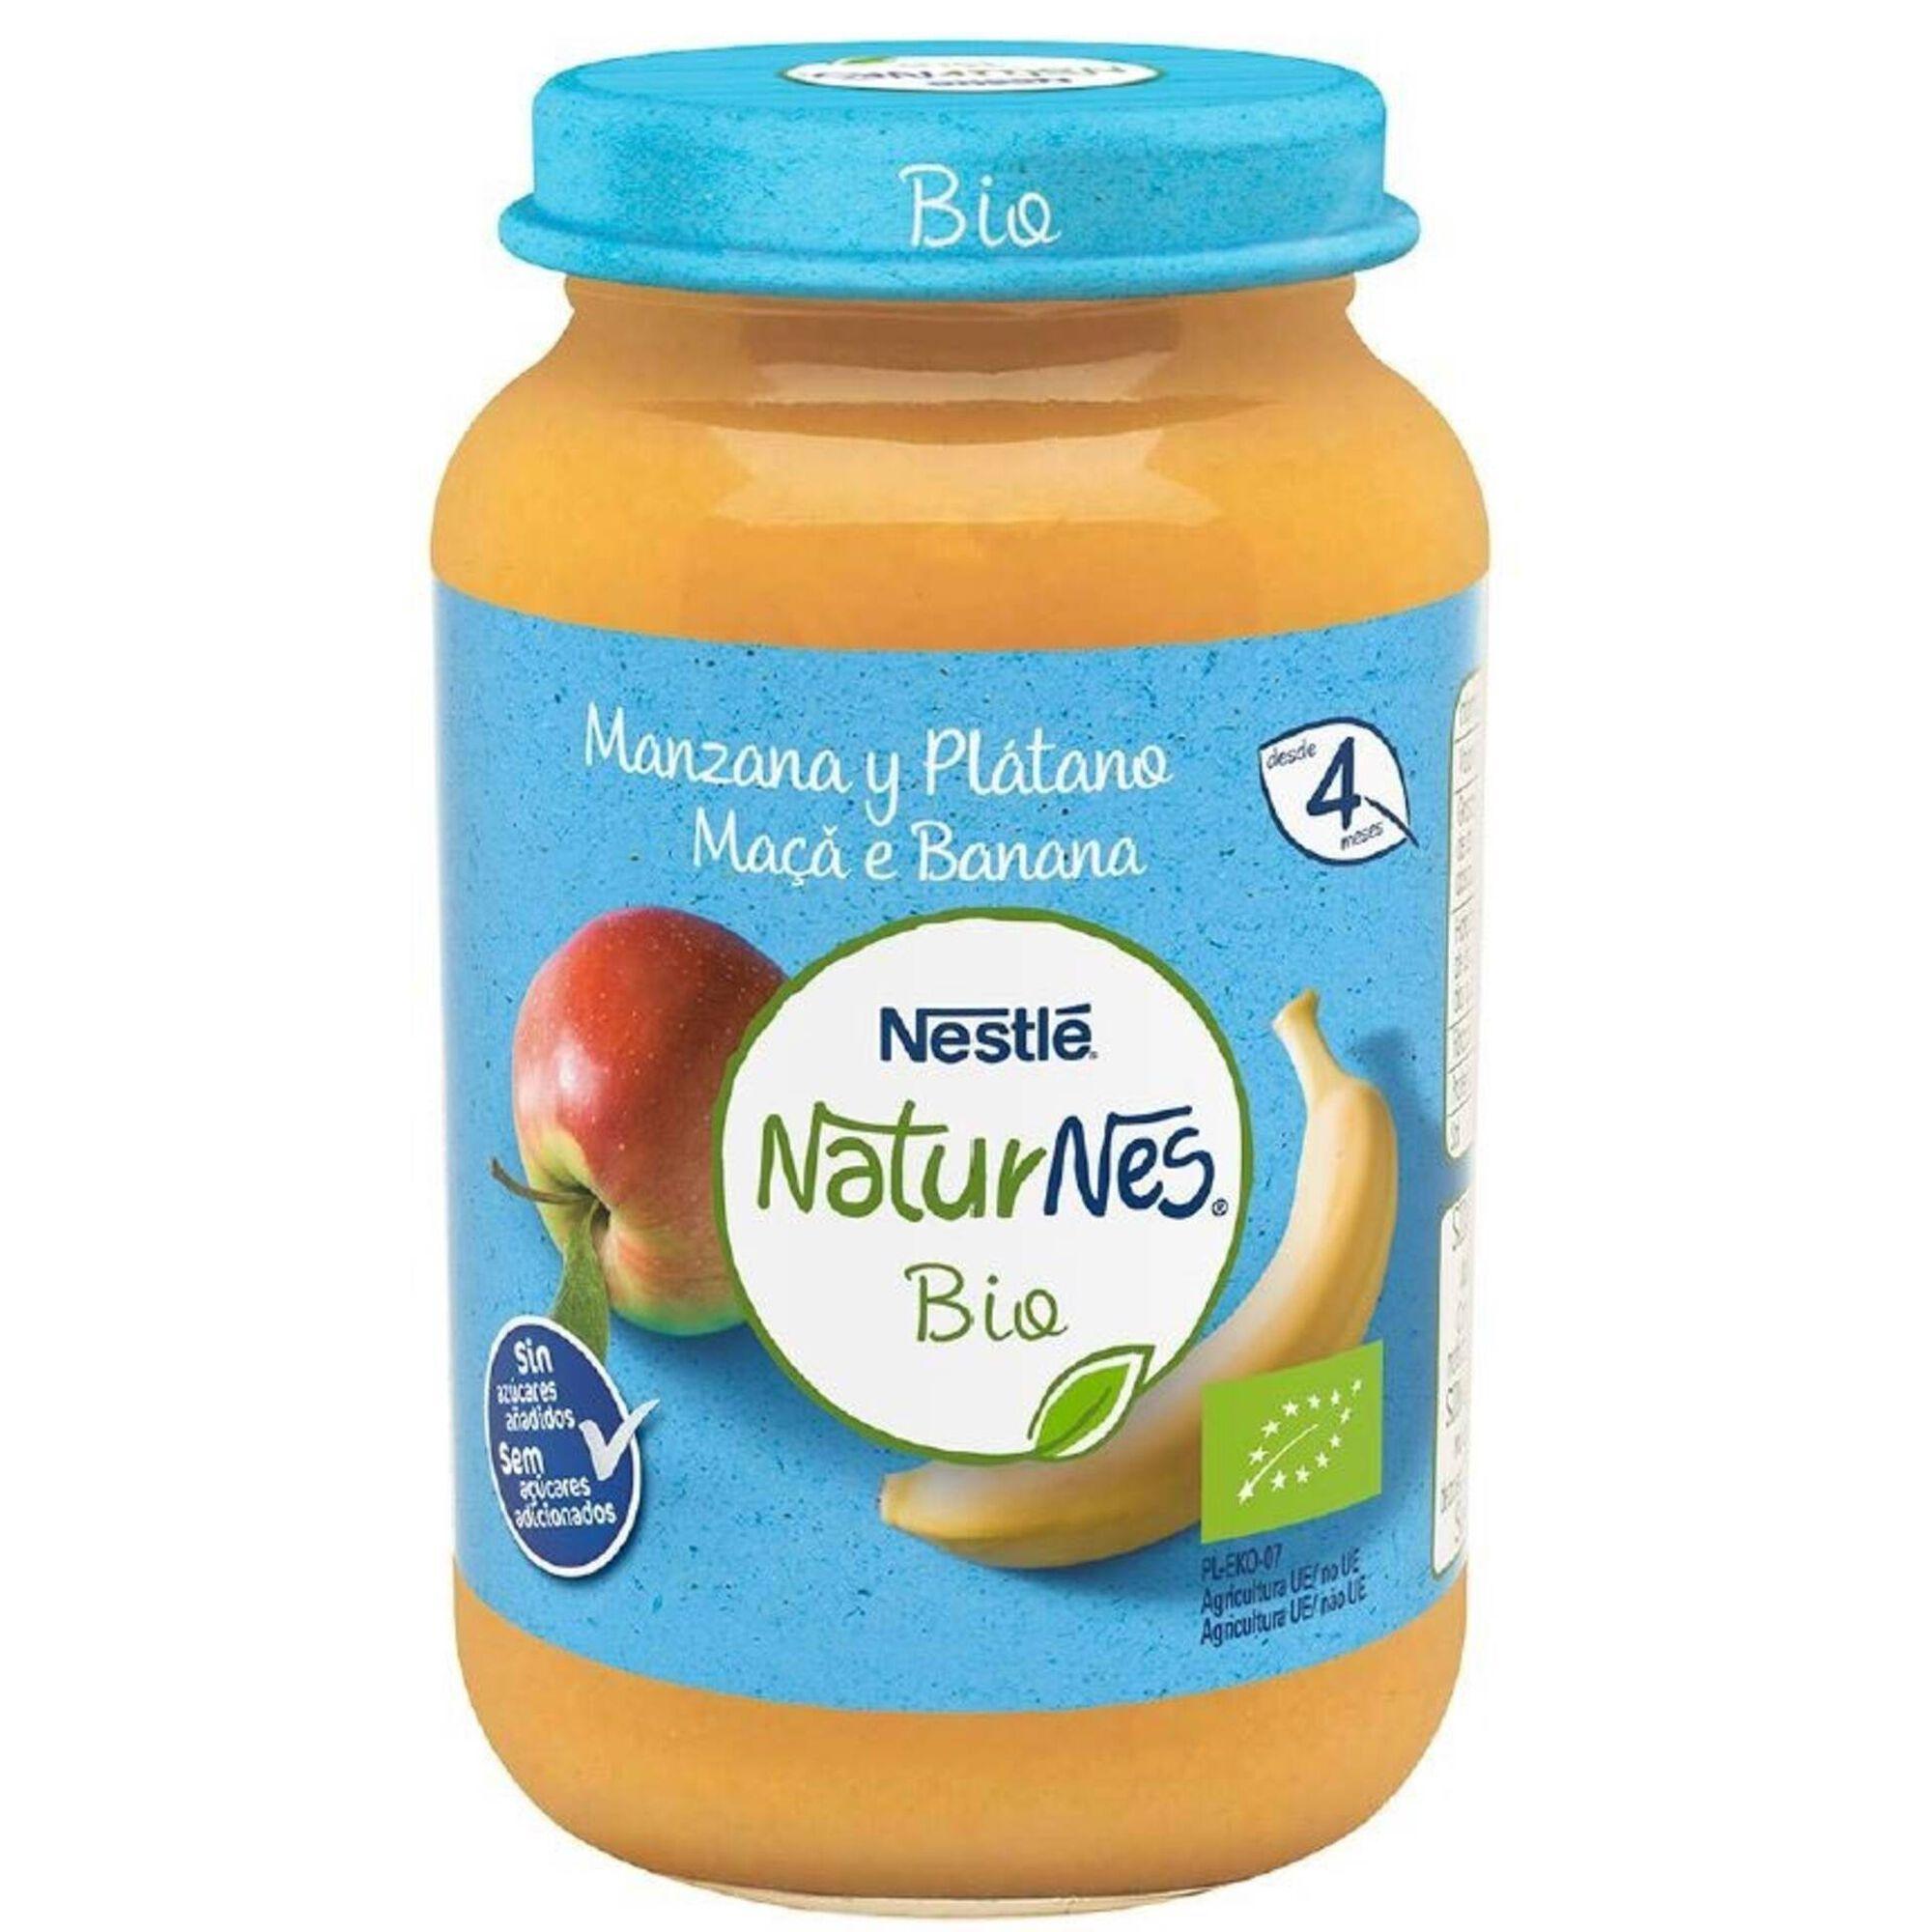 Boião de Fruta Maçã e Banana Naturnes Bio +4 Meses